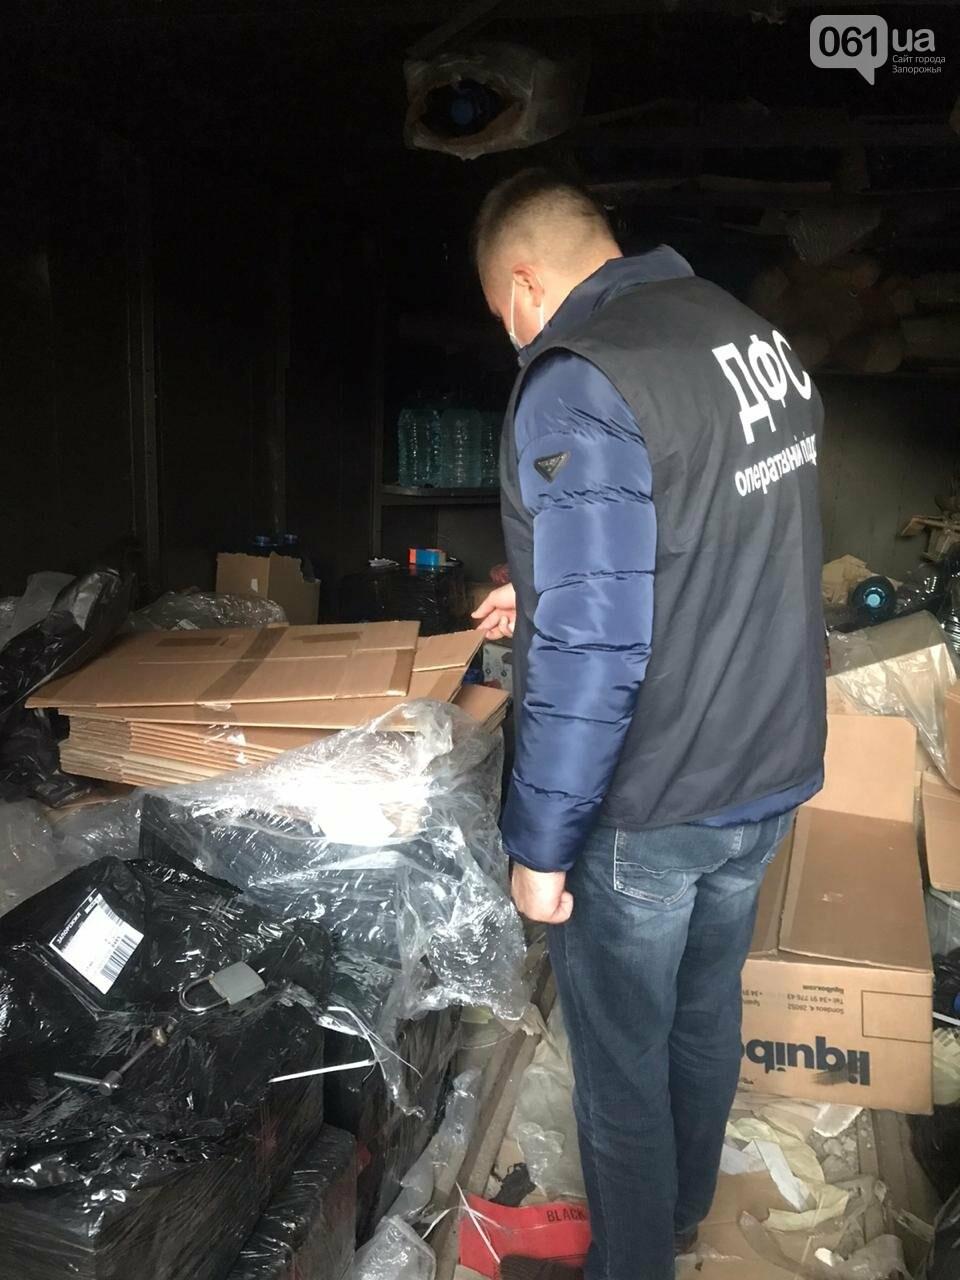 В Запорожской области обнаружили 2,5 тонны фальсифицированного алкоголя, фото-10